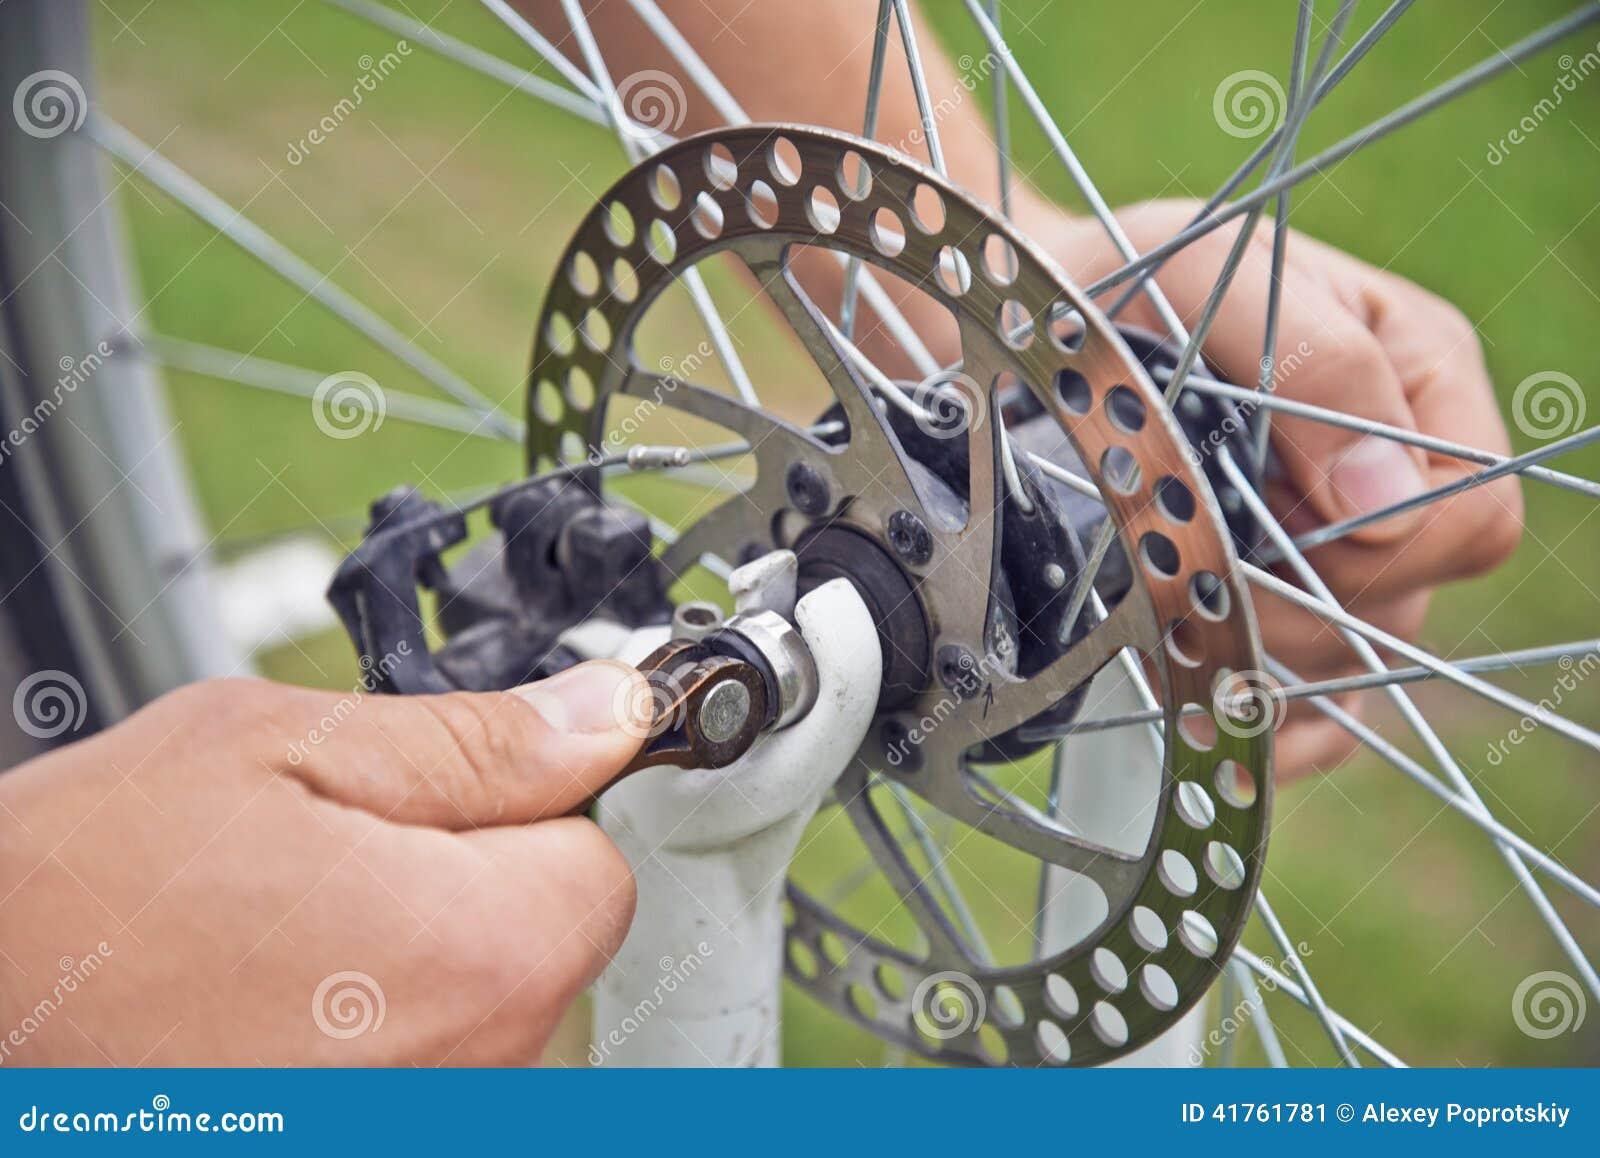 Il ciclista dell uomo controlla la ruota di freno della bicicletta